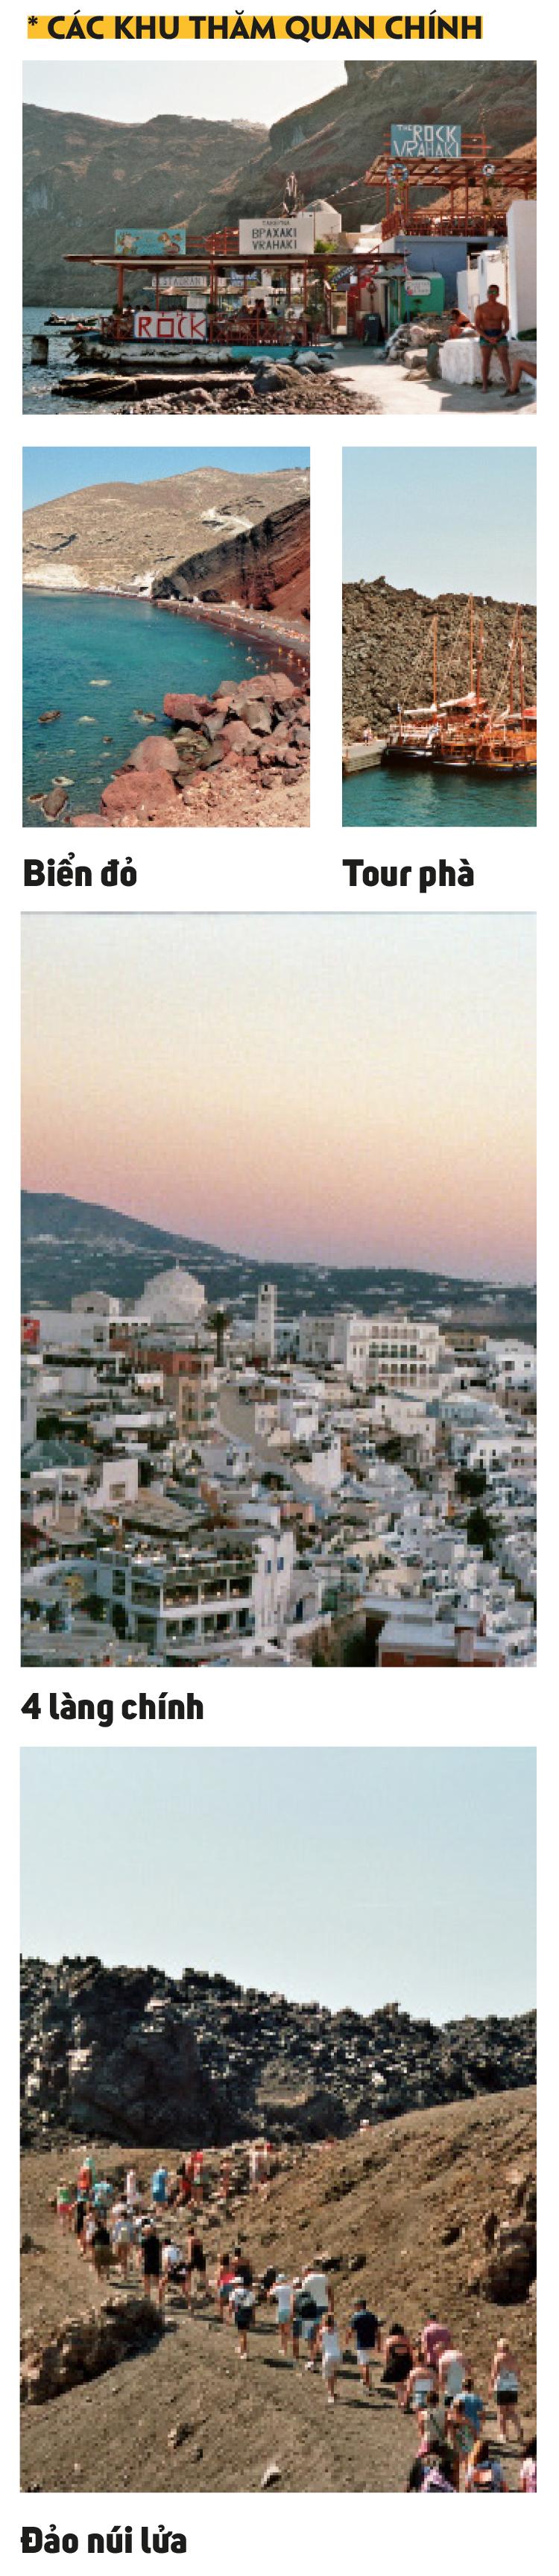 Hành trình 6 ngày ở Hy Lạp, miền đất khiến bạn tin rằng: Thiên đường là có thật - Ảnh 28.